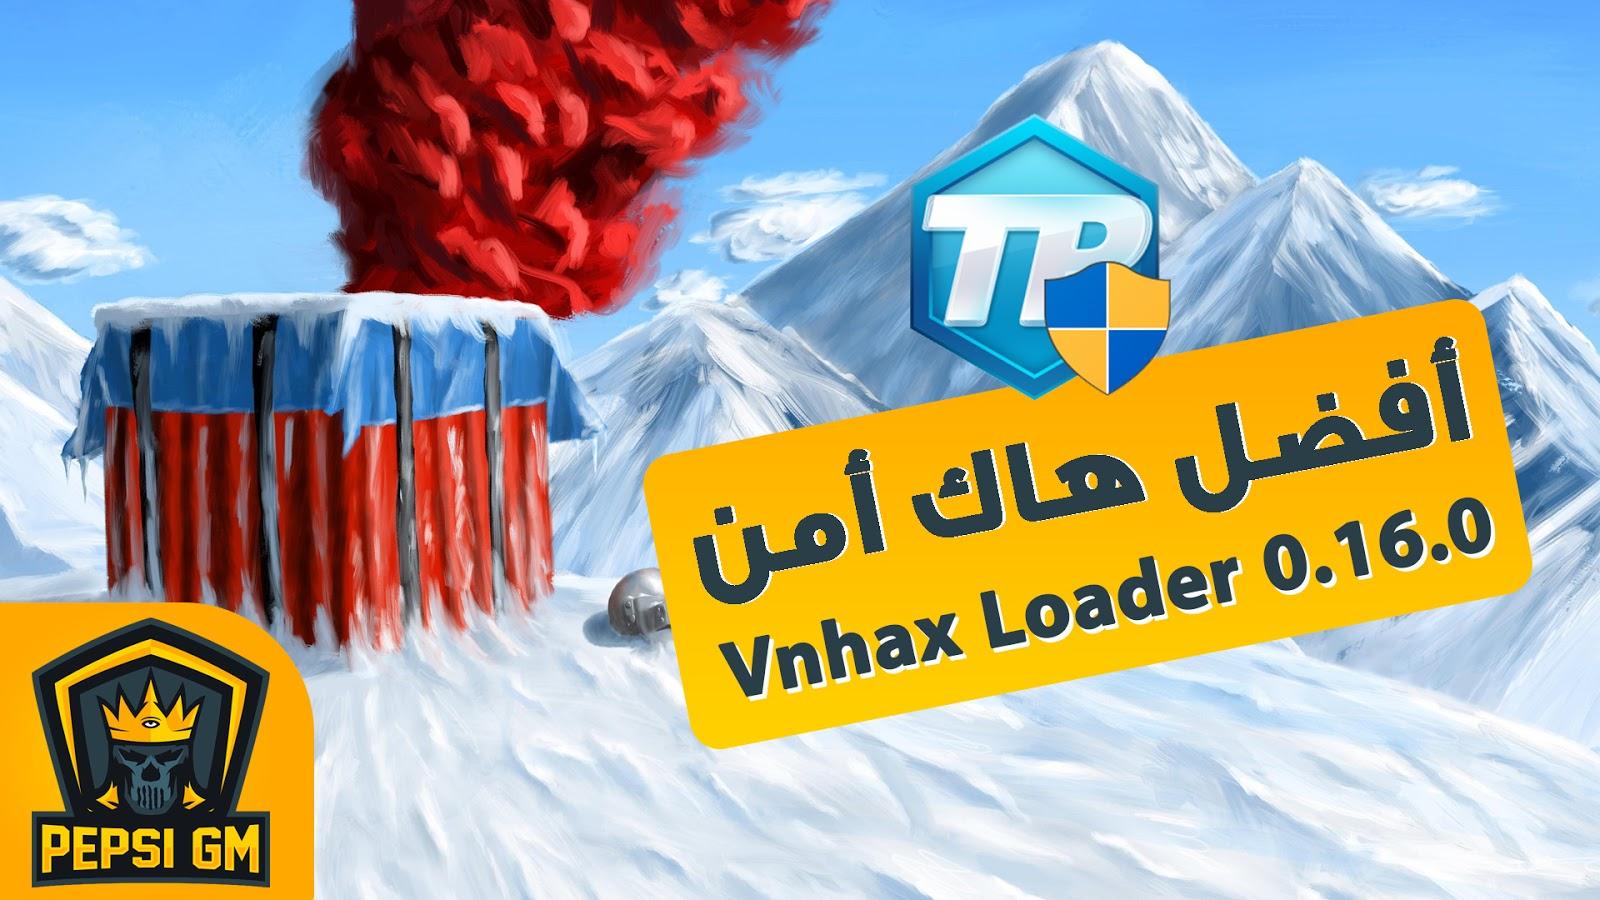 أفضل هاك أمن ومجانى Vnhax Loader 0.16.0 التحديث الجديد